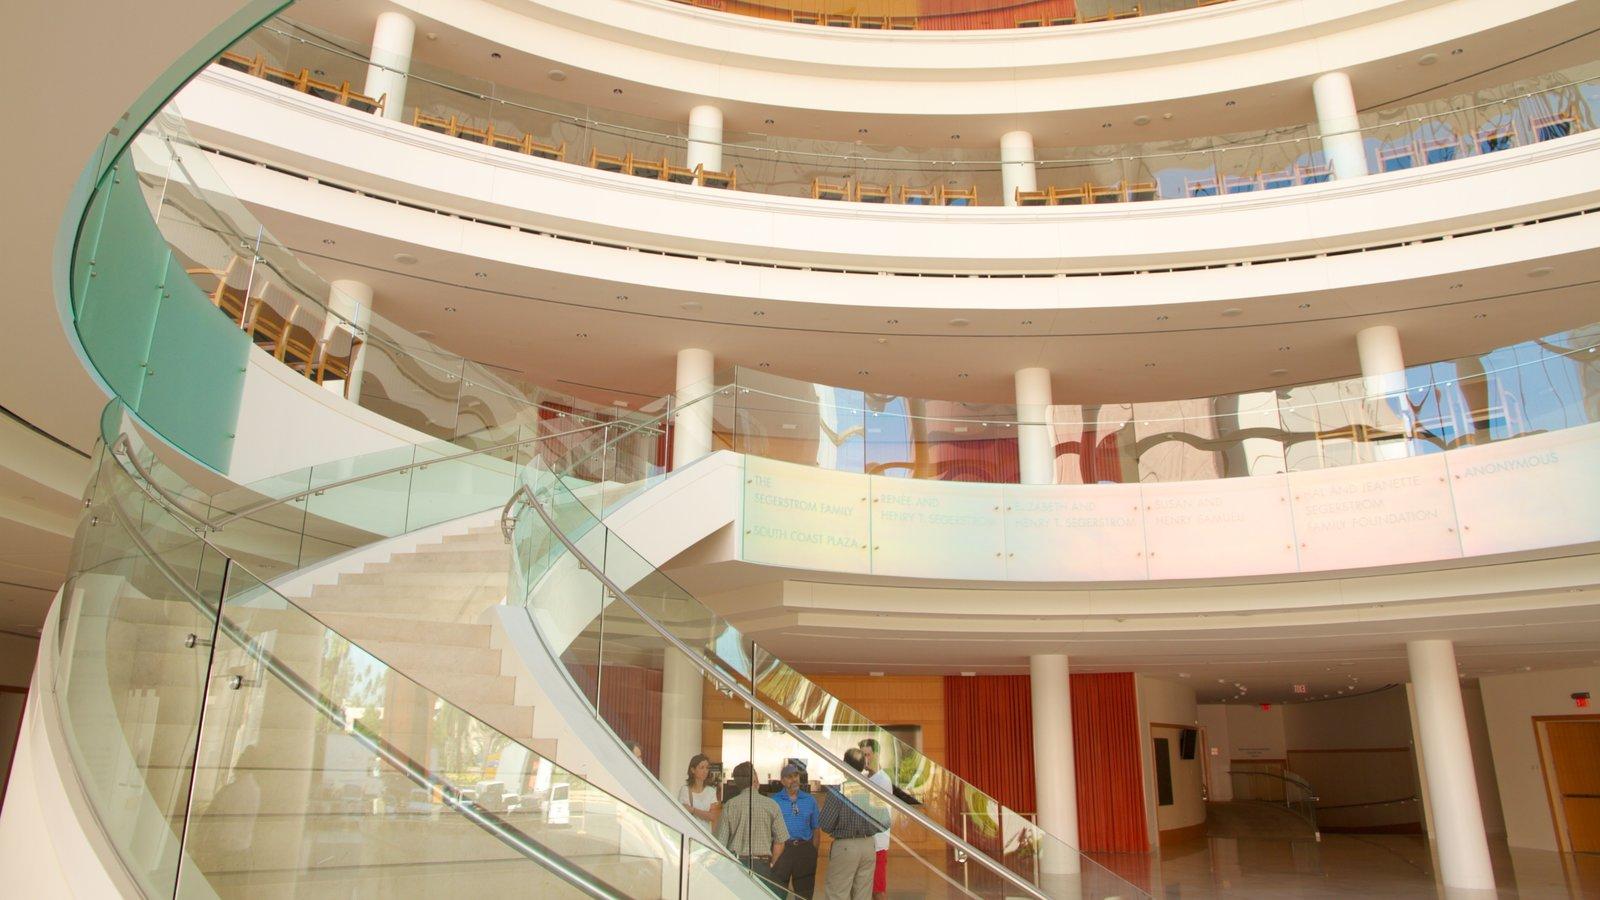 Segerstrom Center for the Arts mostrando vistas interiores